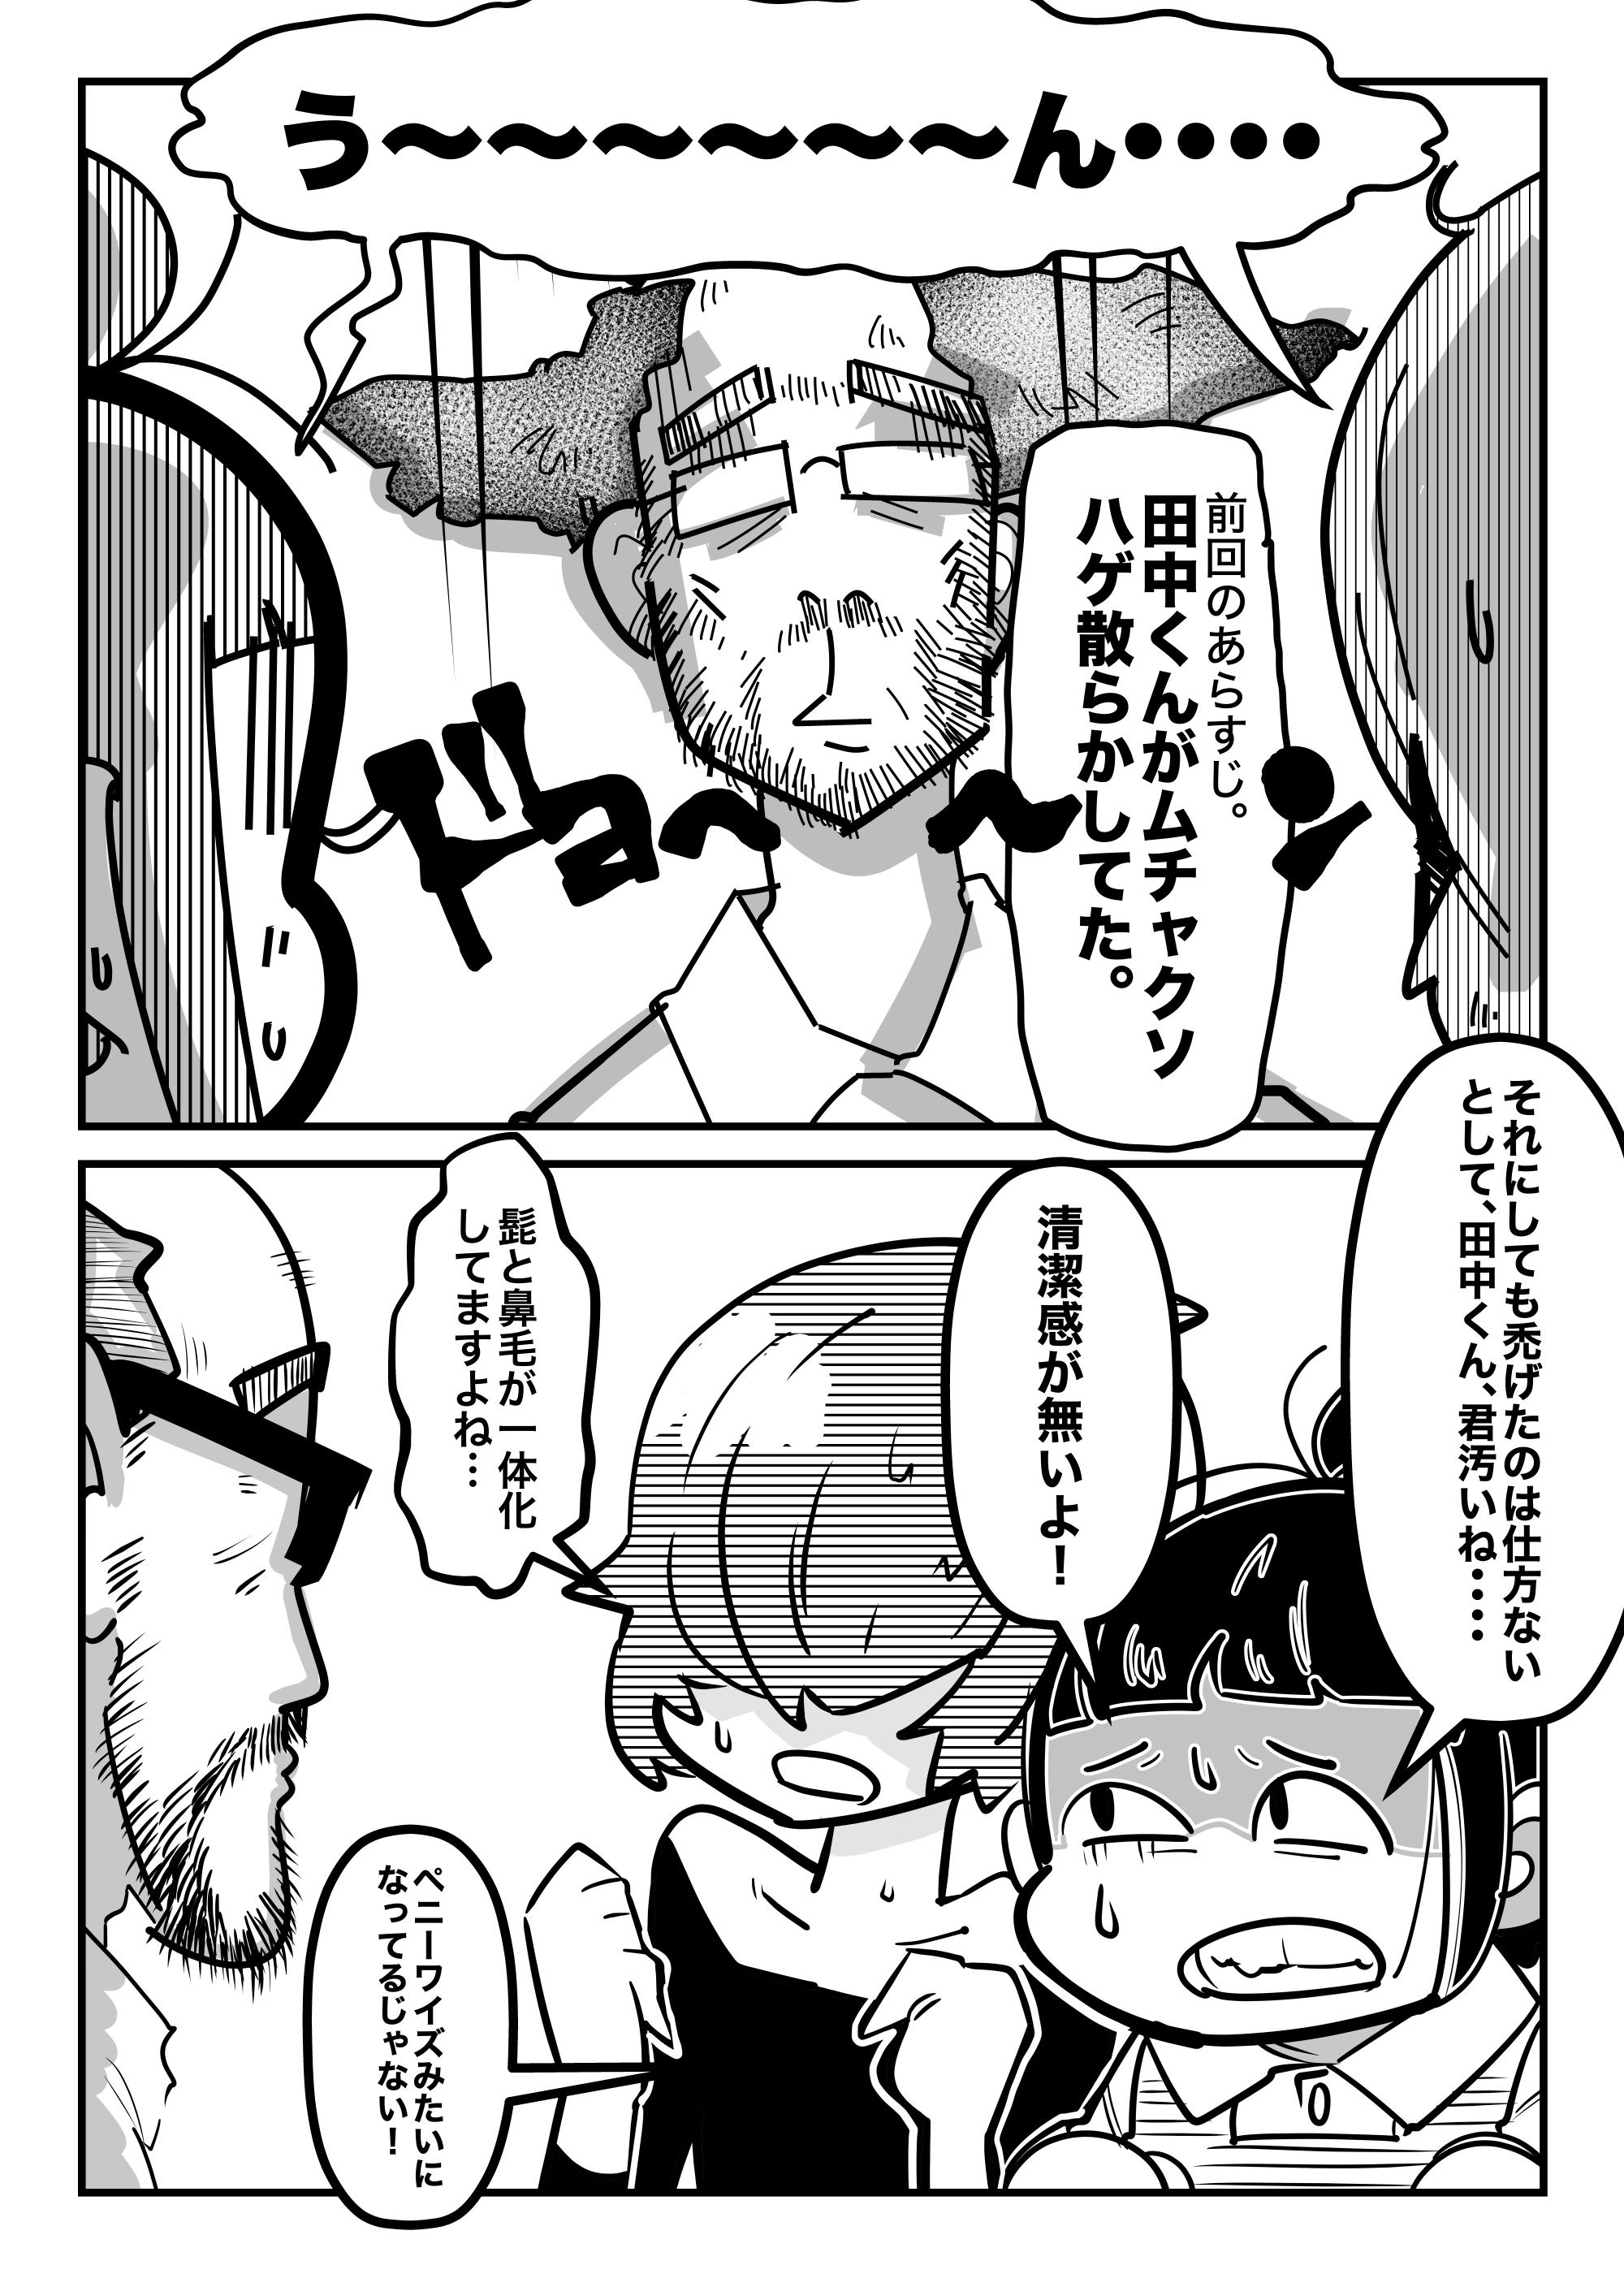 f:id:terashimaru117:20210909120826j:plain